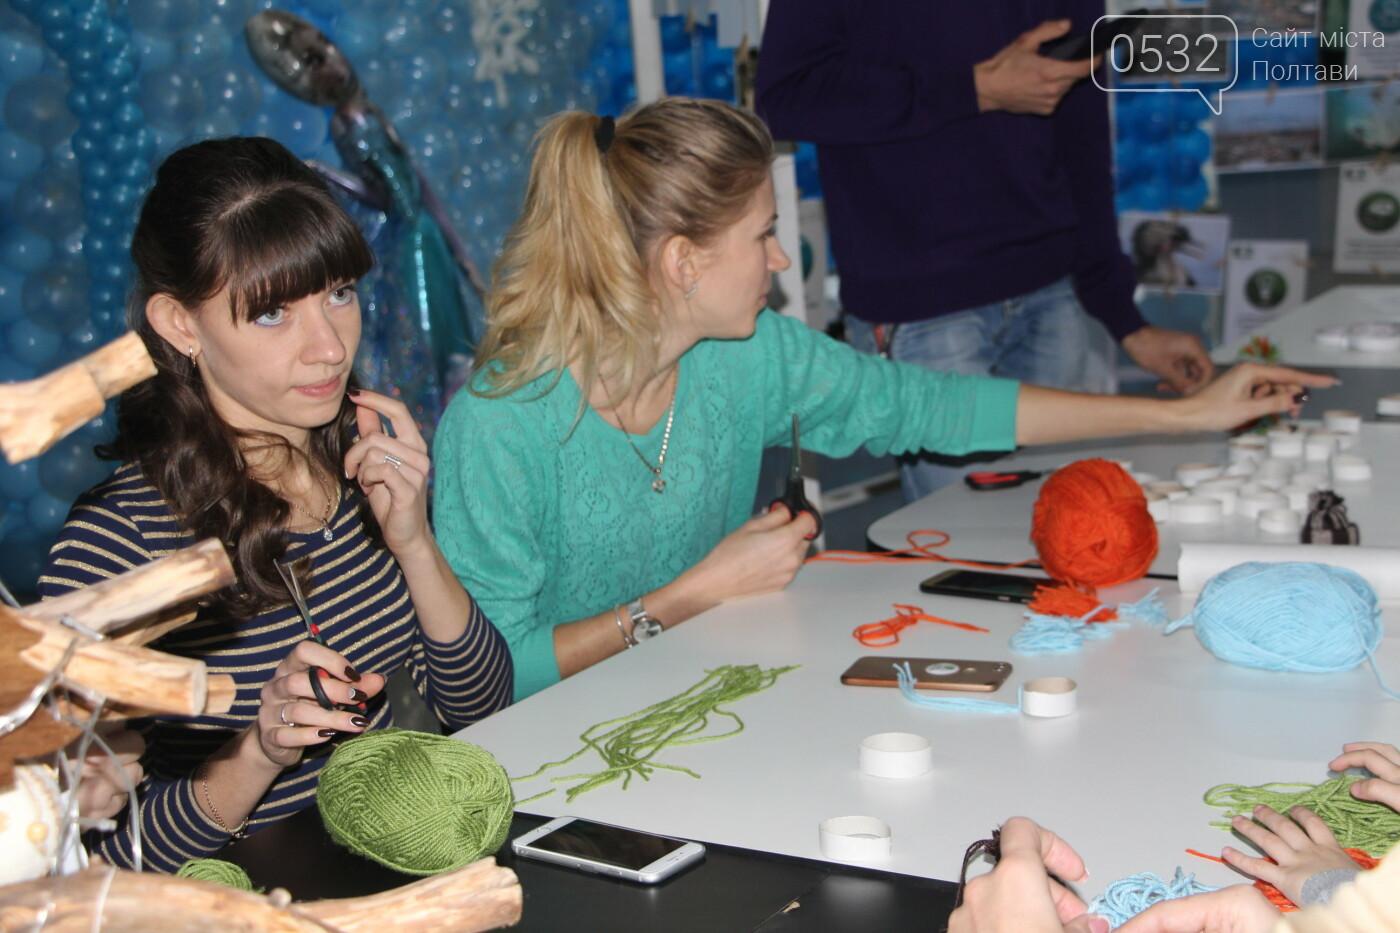 """У Полтаві пройшов коворкінг """"Eko friendly товари для дому"""" (ФОТО), фото-41"""